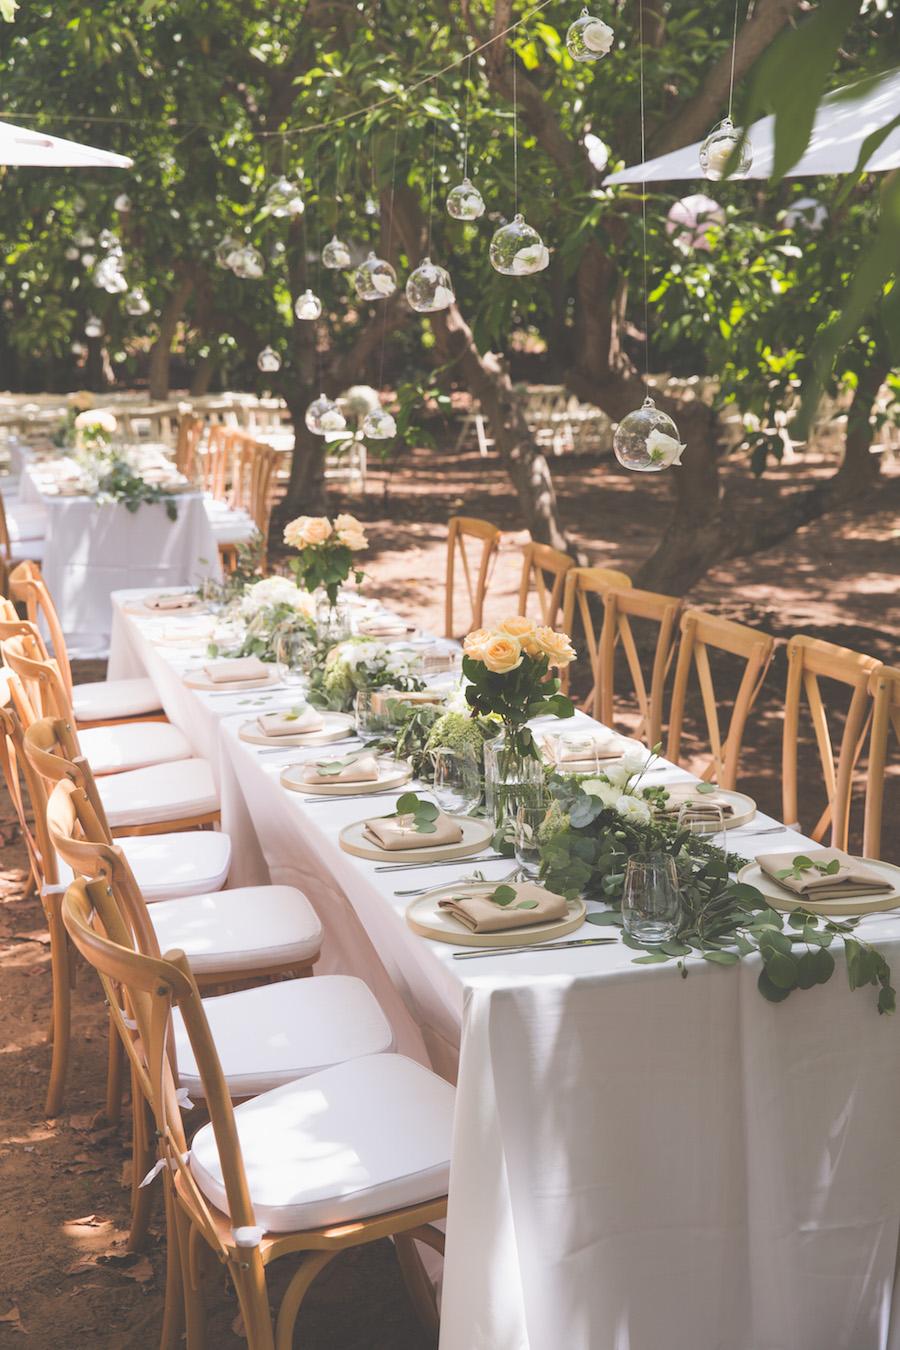 מסיבת קוקטייל בטבע: החתונה של ליטל ופרד